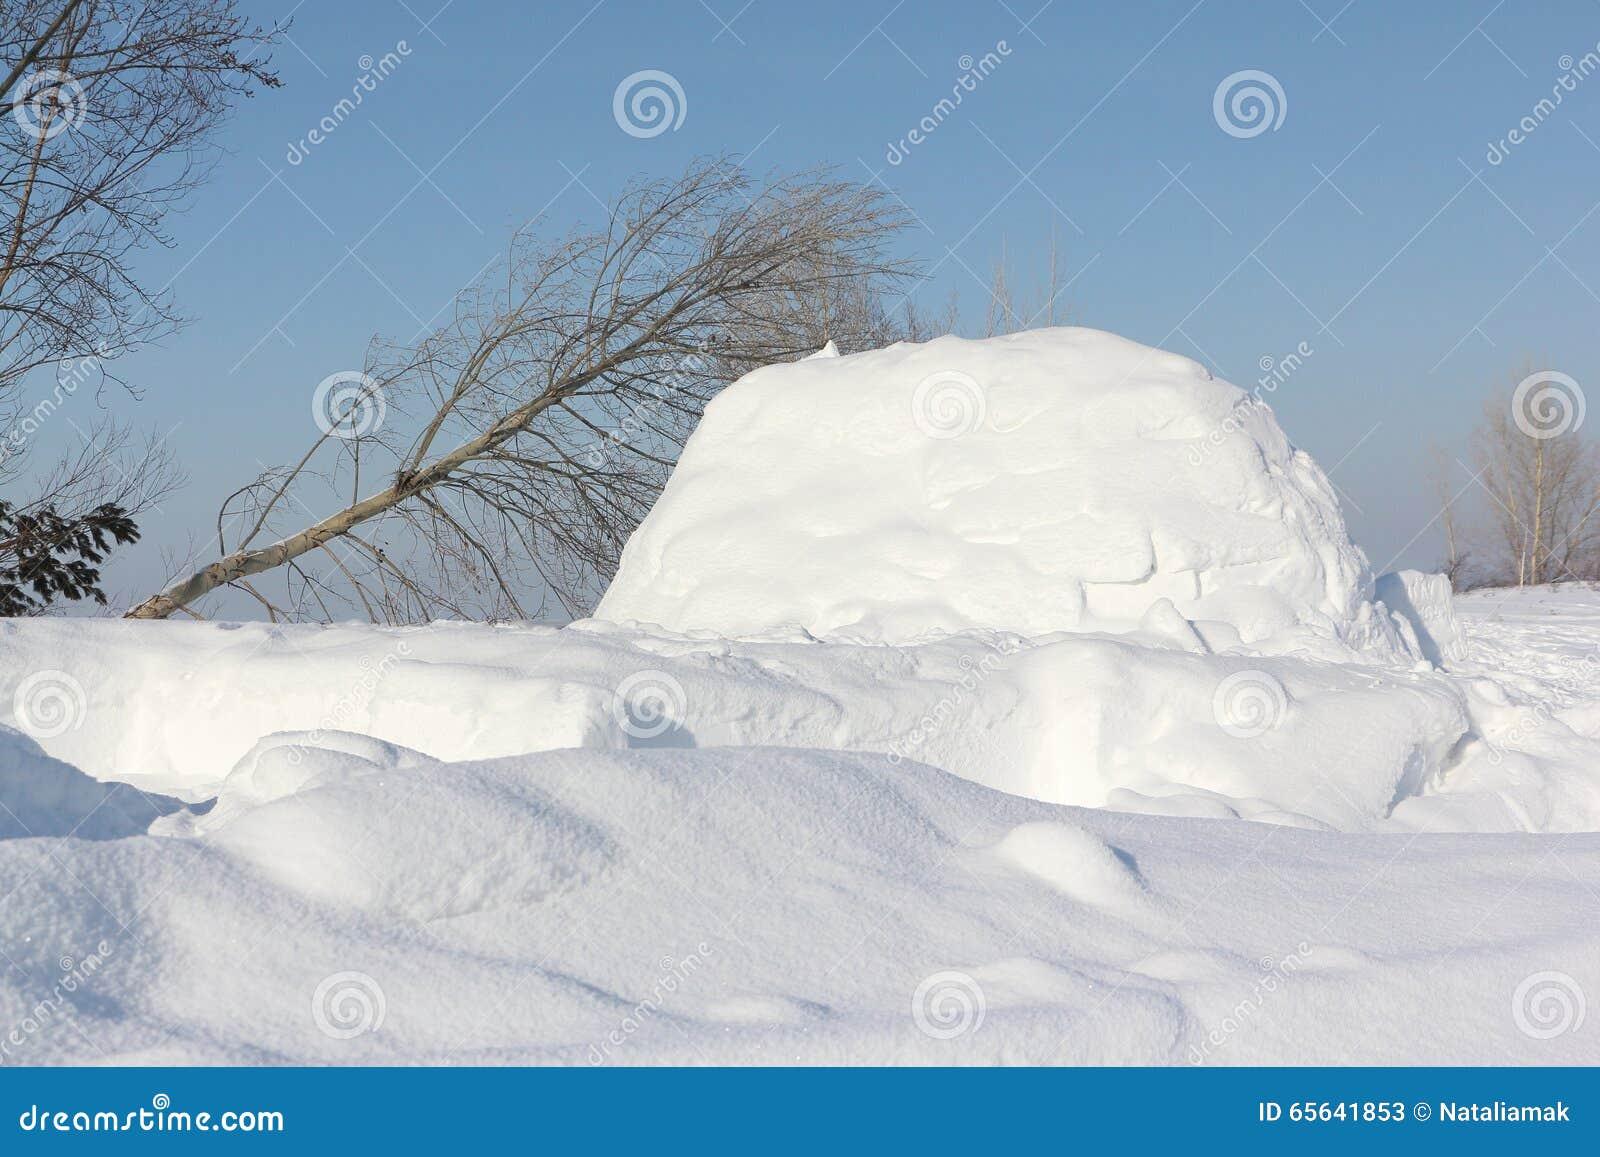 Construction un igloo sur une clairière de neige pendant l hiver